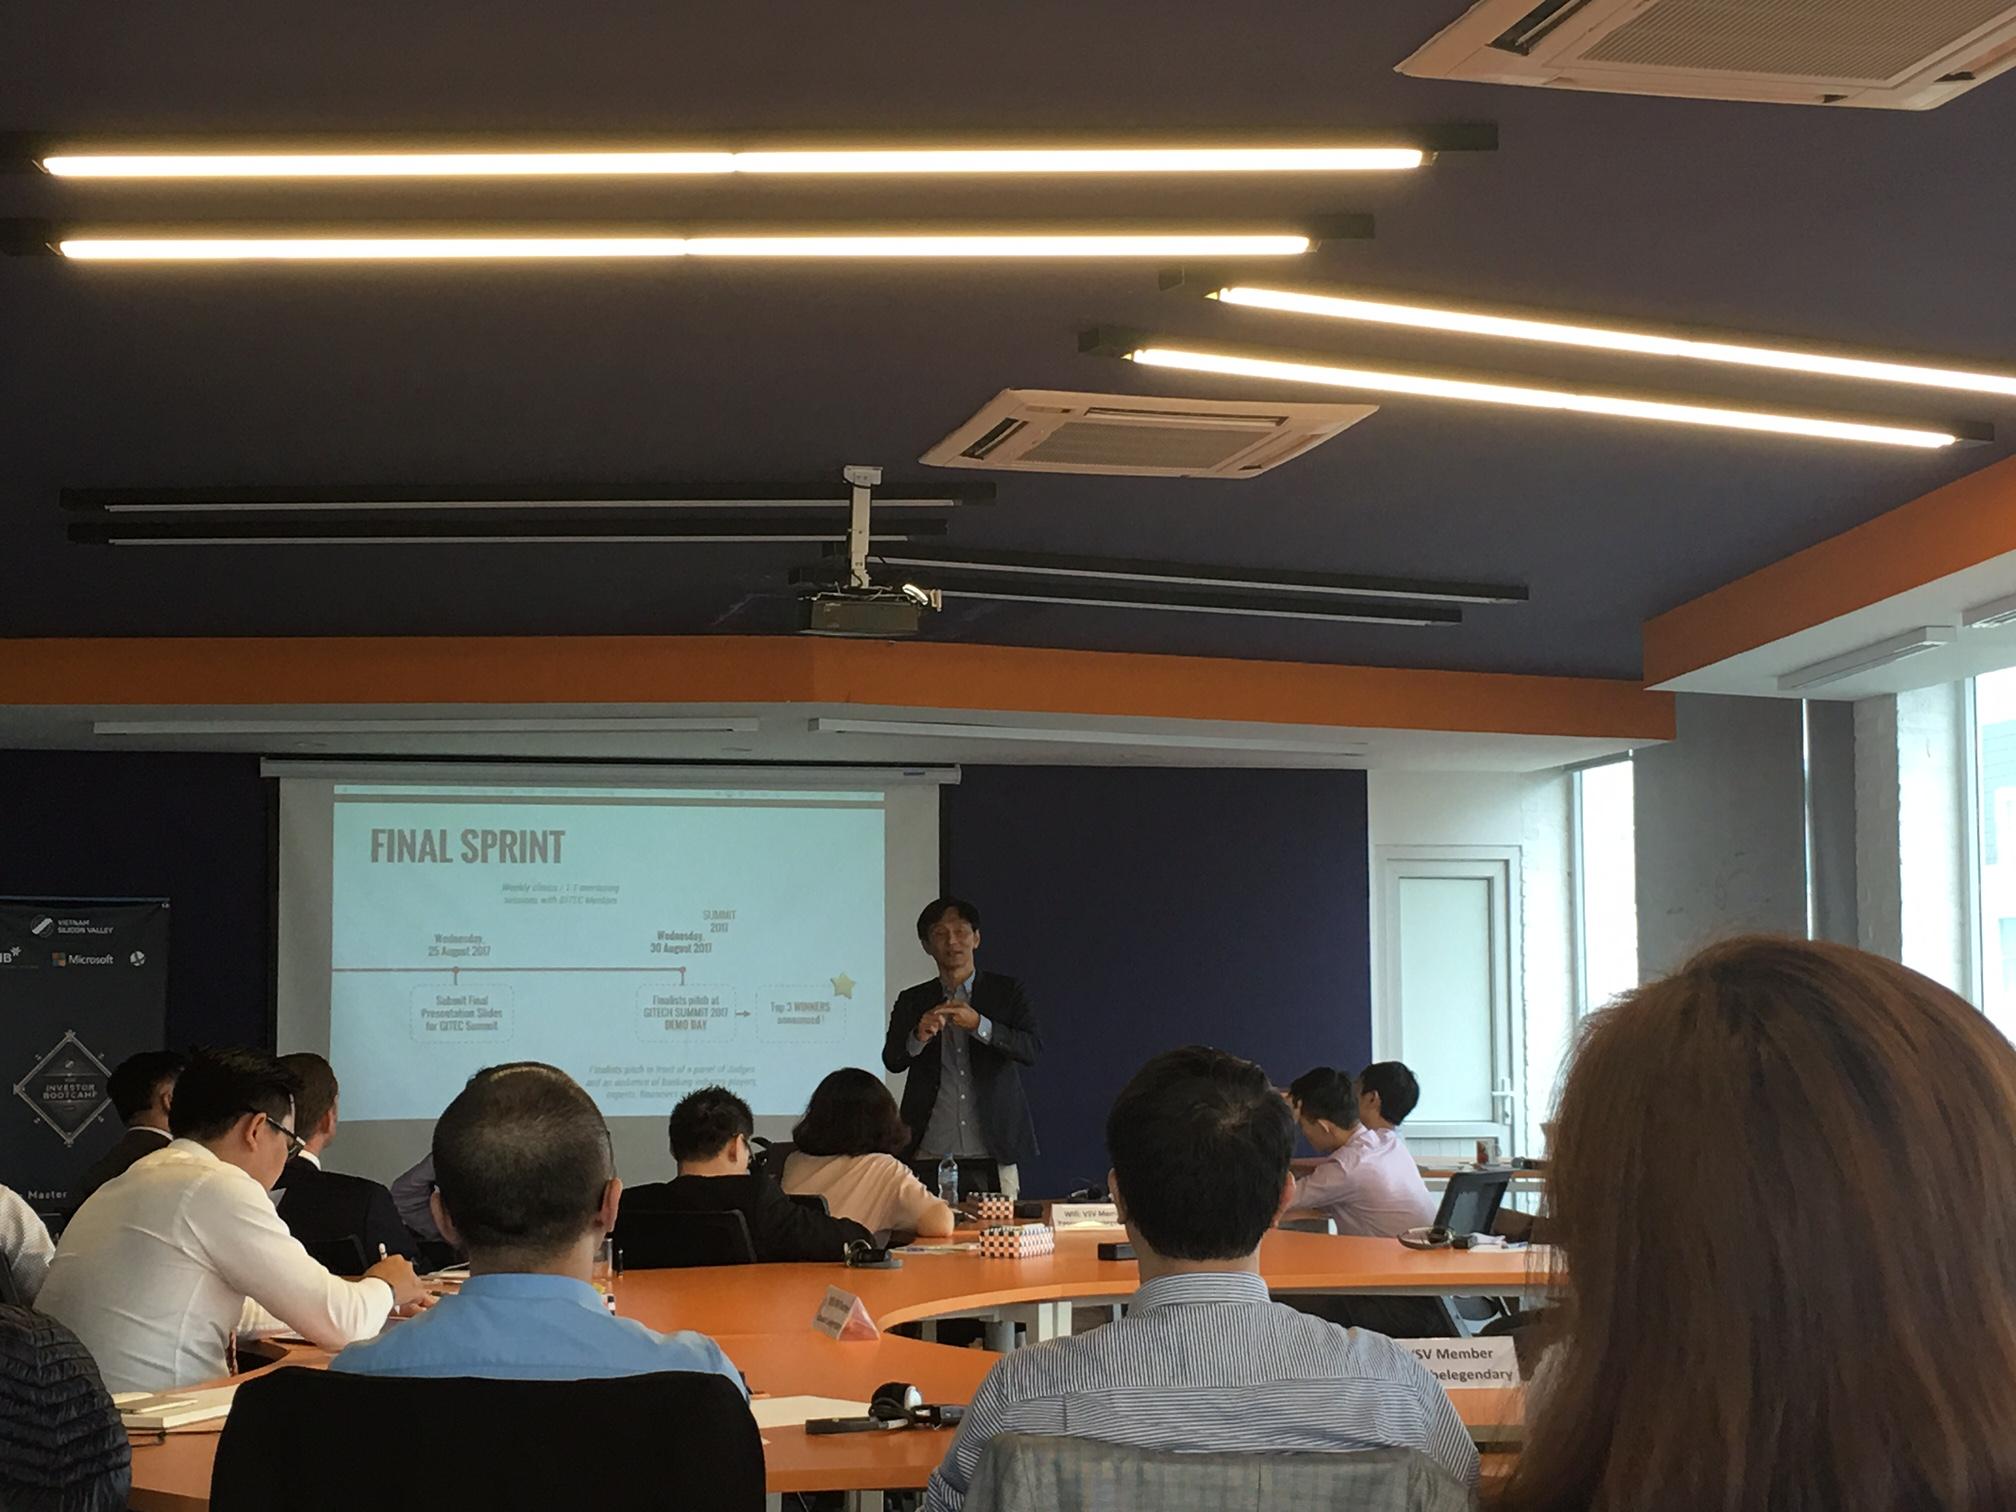 Diễn giả Michael Yap đang thuyết trình. Ảnh: Hiền Thảo